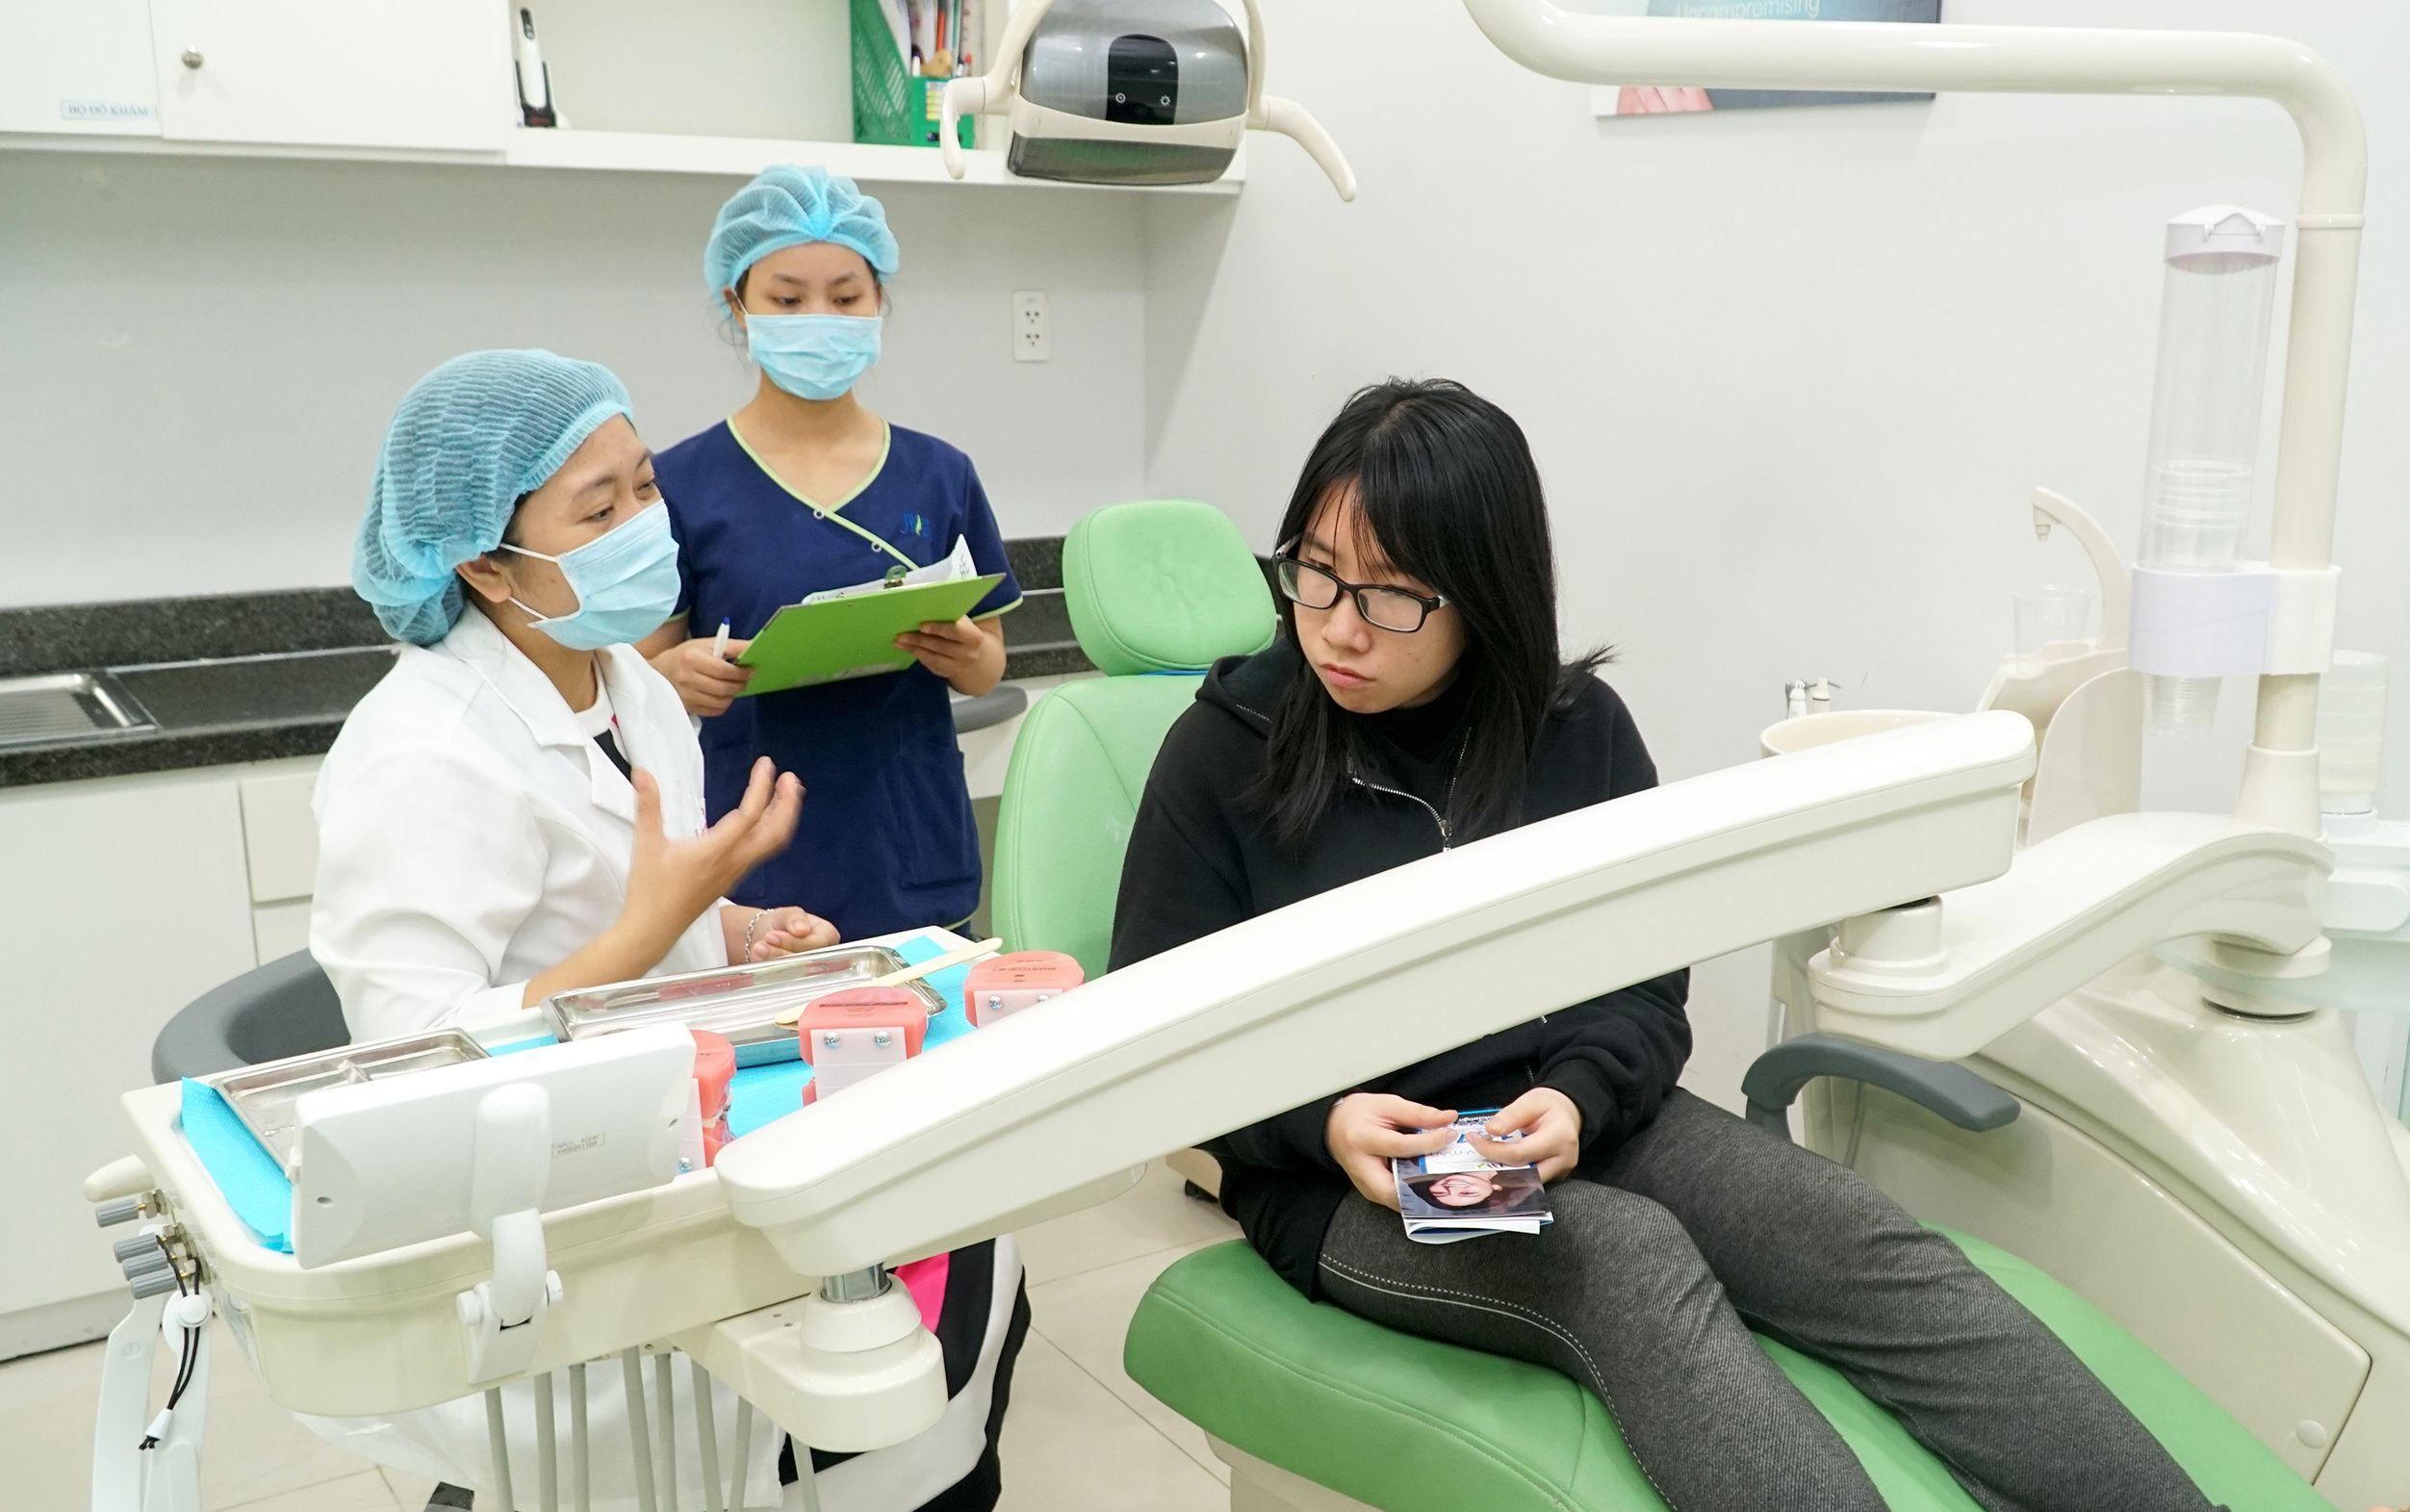 Hãy thường xuyên đến gặp bác sĩ để được kiểm tra hệ thống khí cụ trên răng